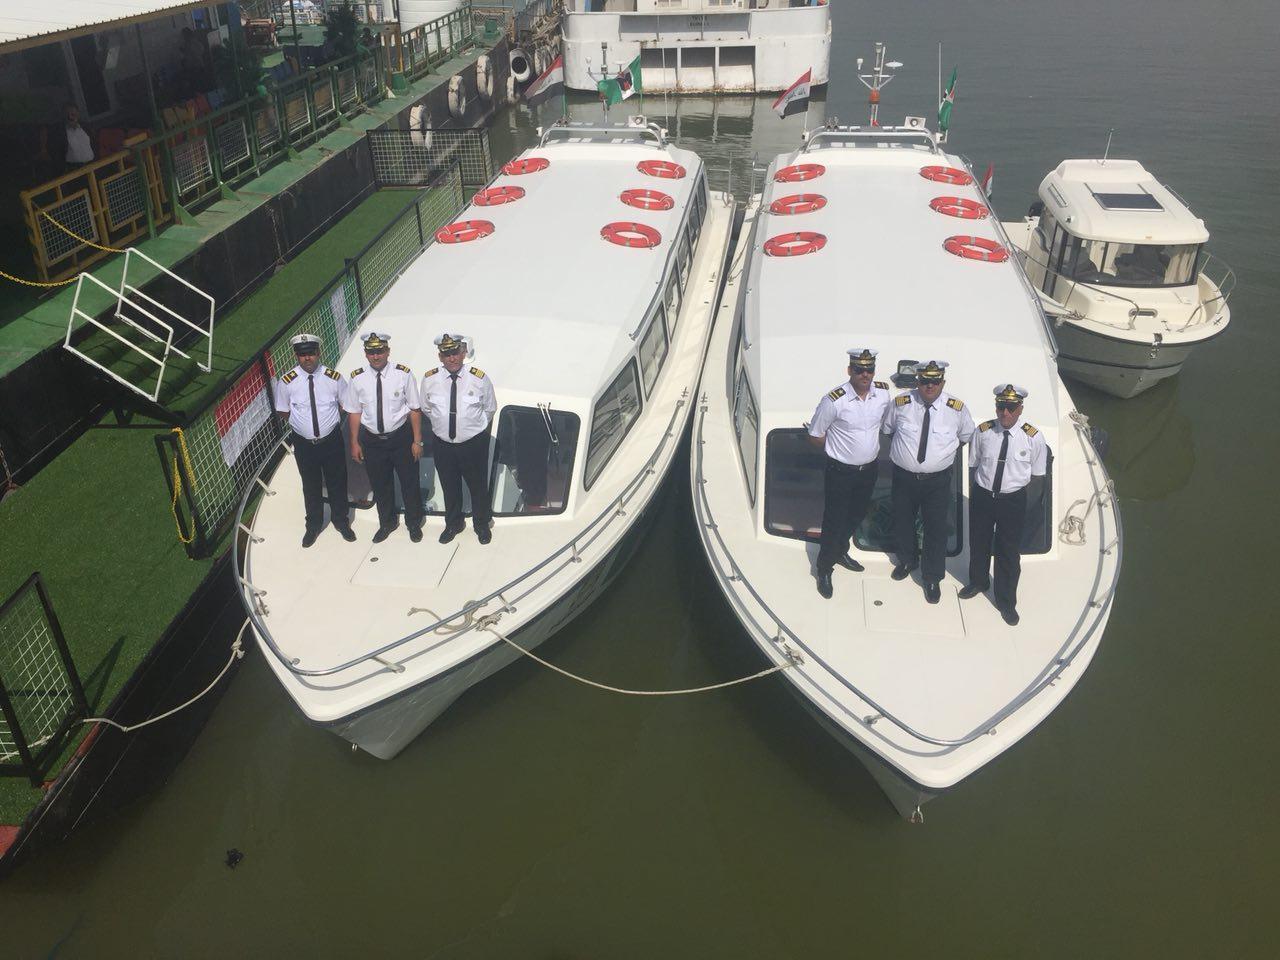 مجلس بغداد: الحكومة عازمة على إكمال مشروع النقل النهري لتخفيف الزحامات